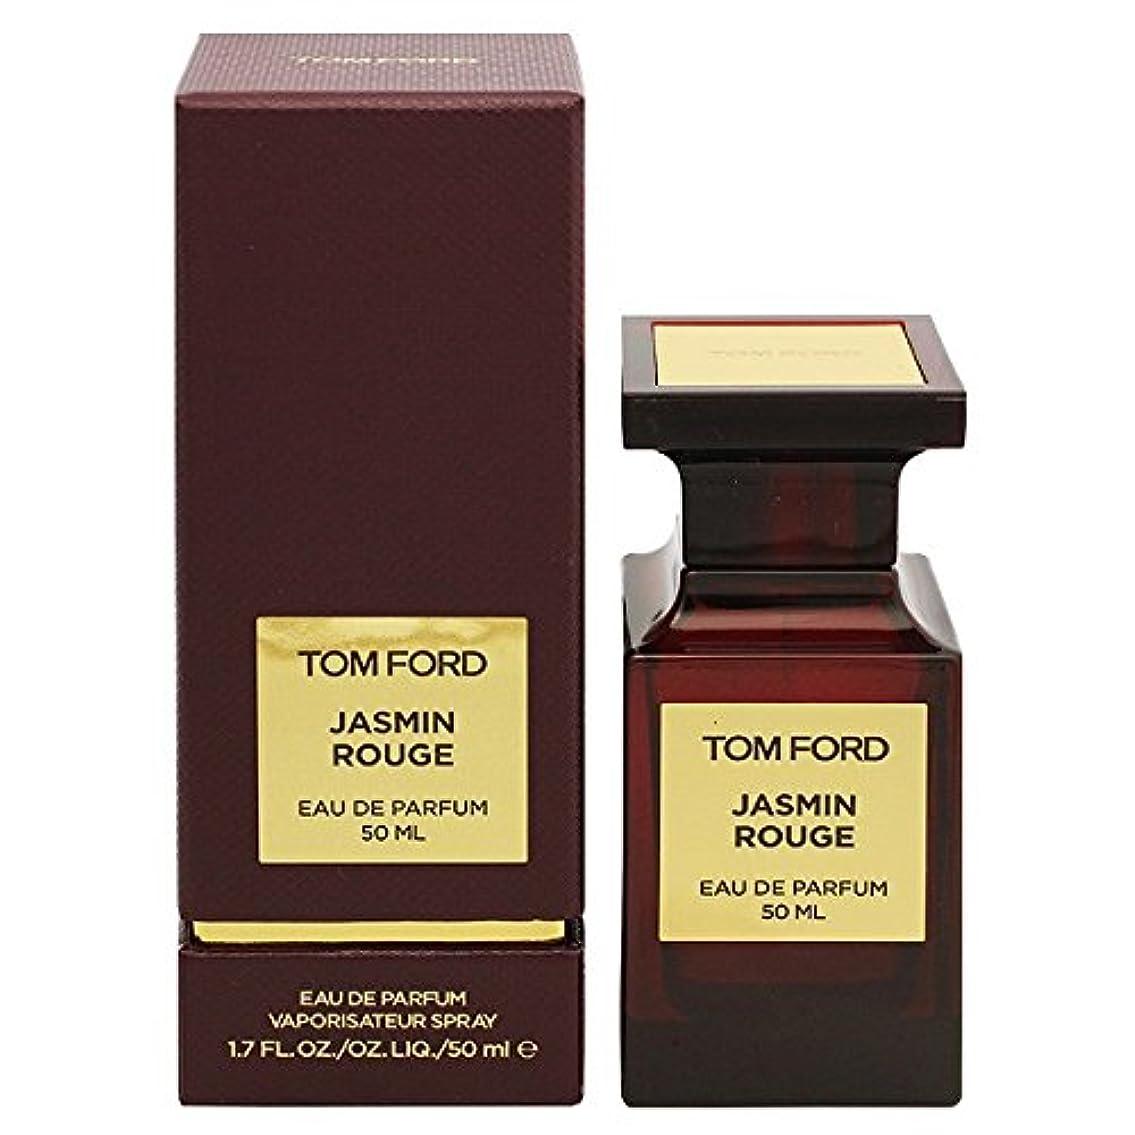 番目で思慮深いトムフォード TOM FORD 香水 ジャスミン ルージュ オード パルファム 50ml レディース [並行輸入品]